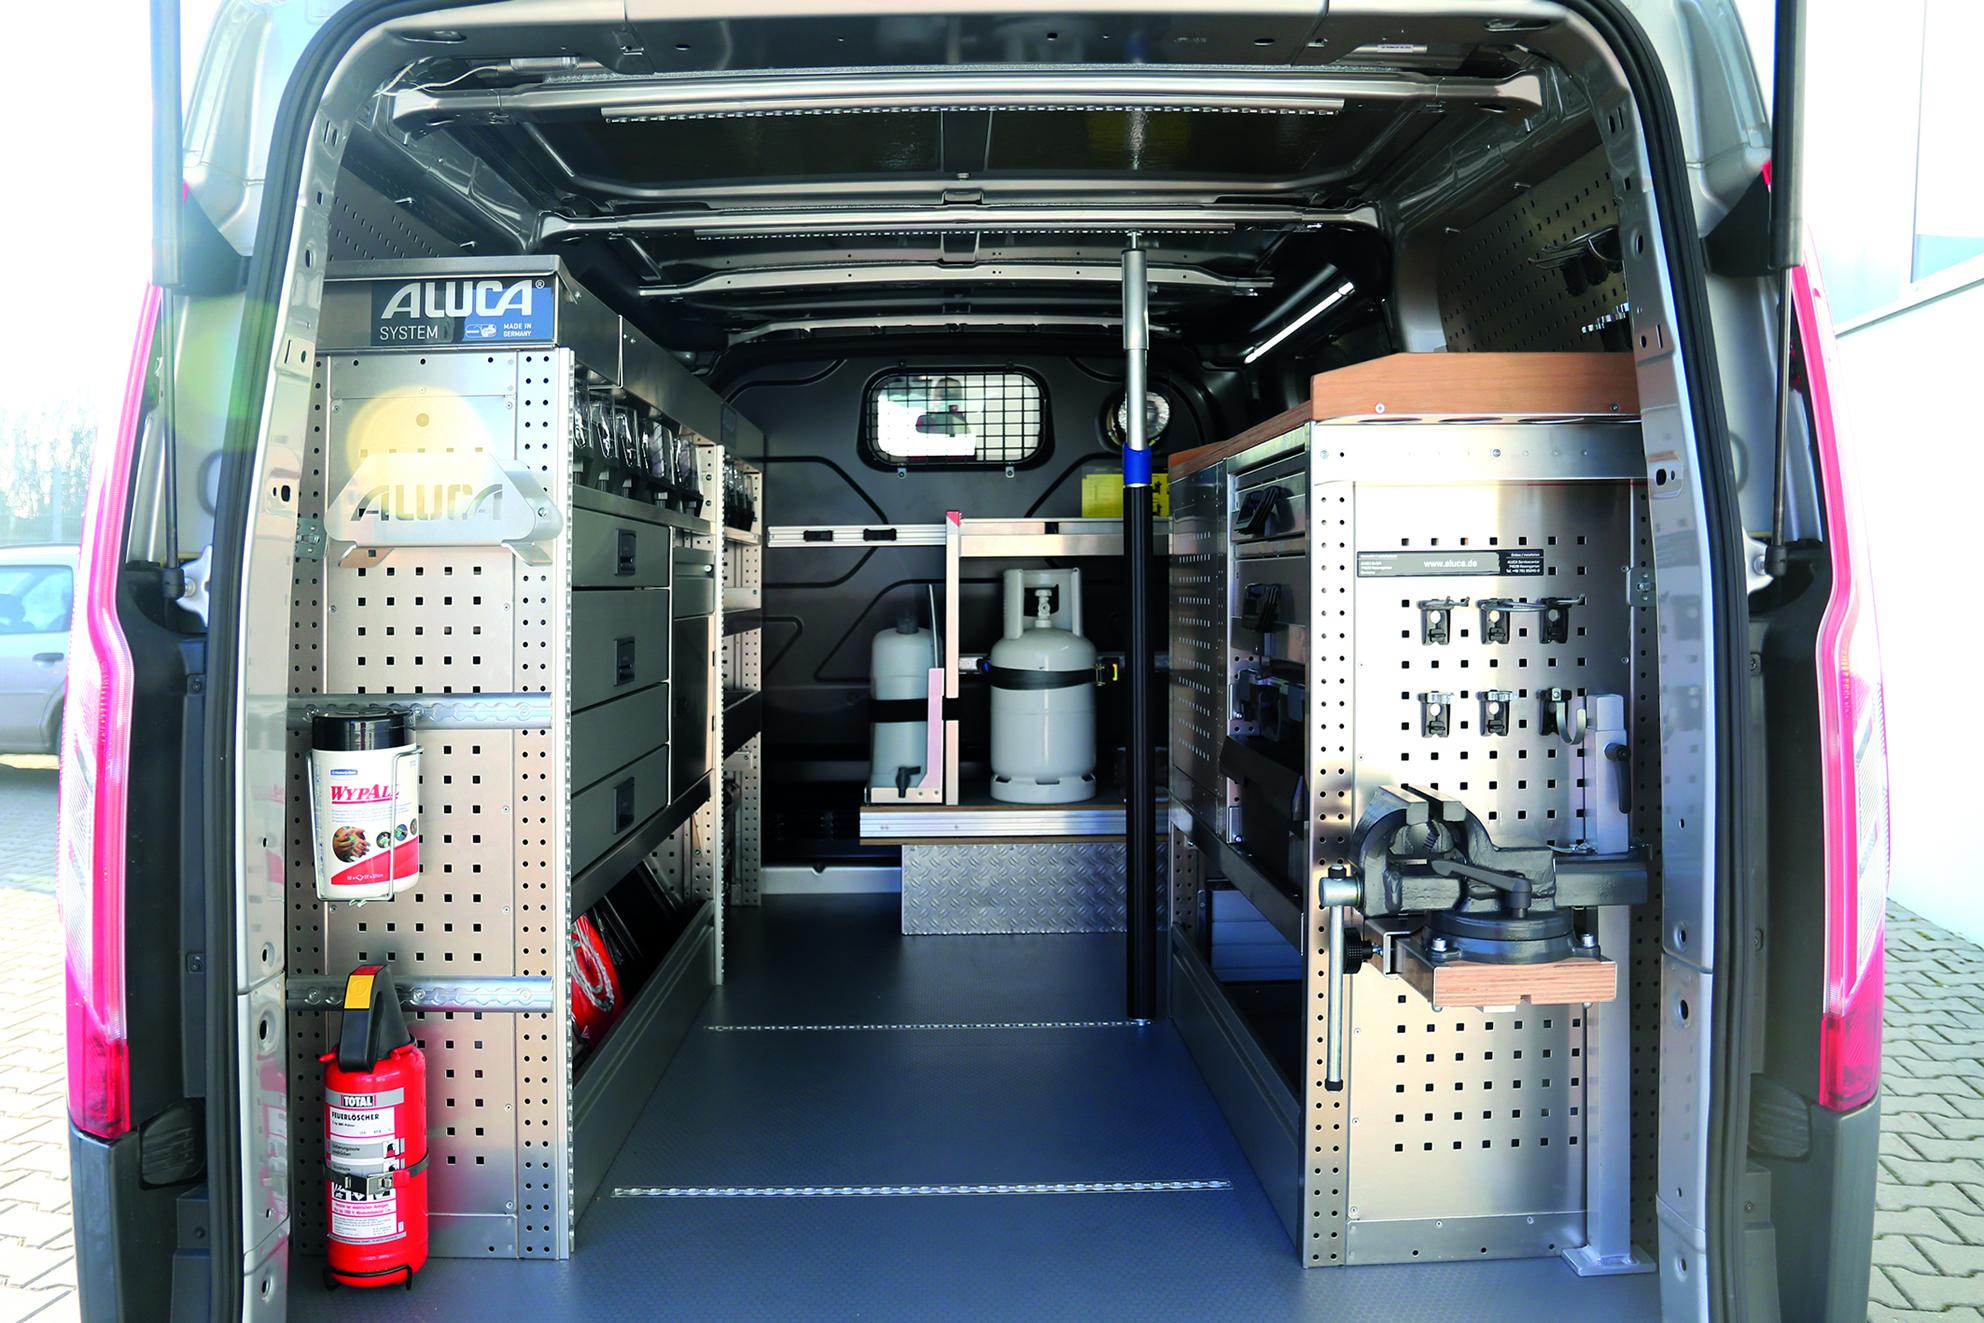 8 Jahre Garantie im Elektriker-Mobil